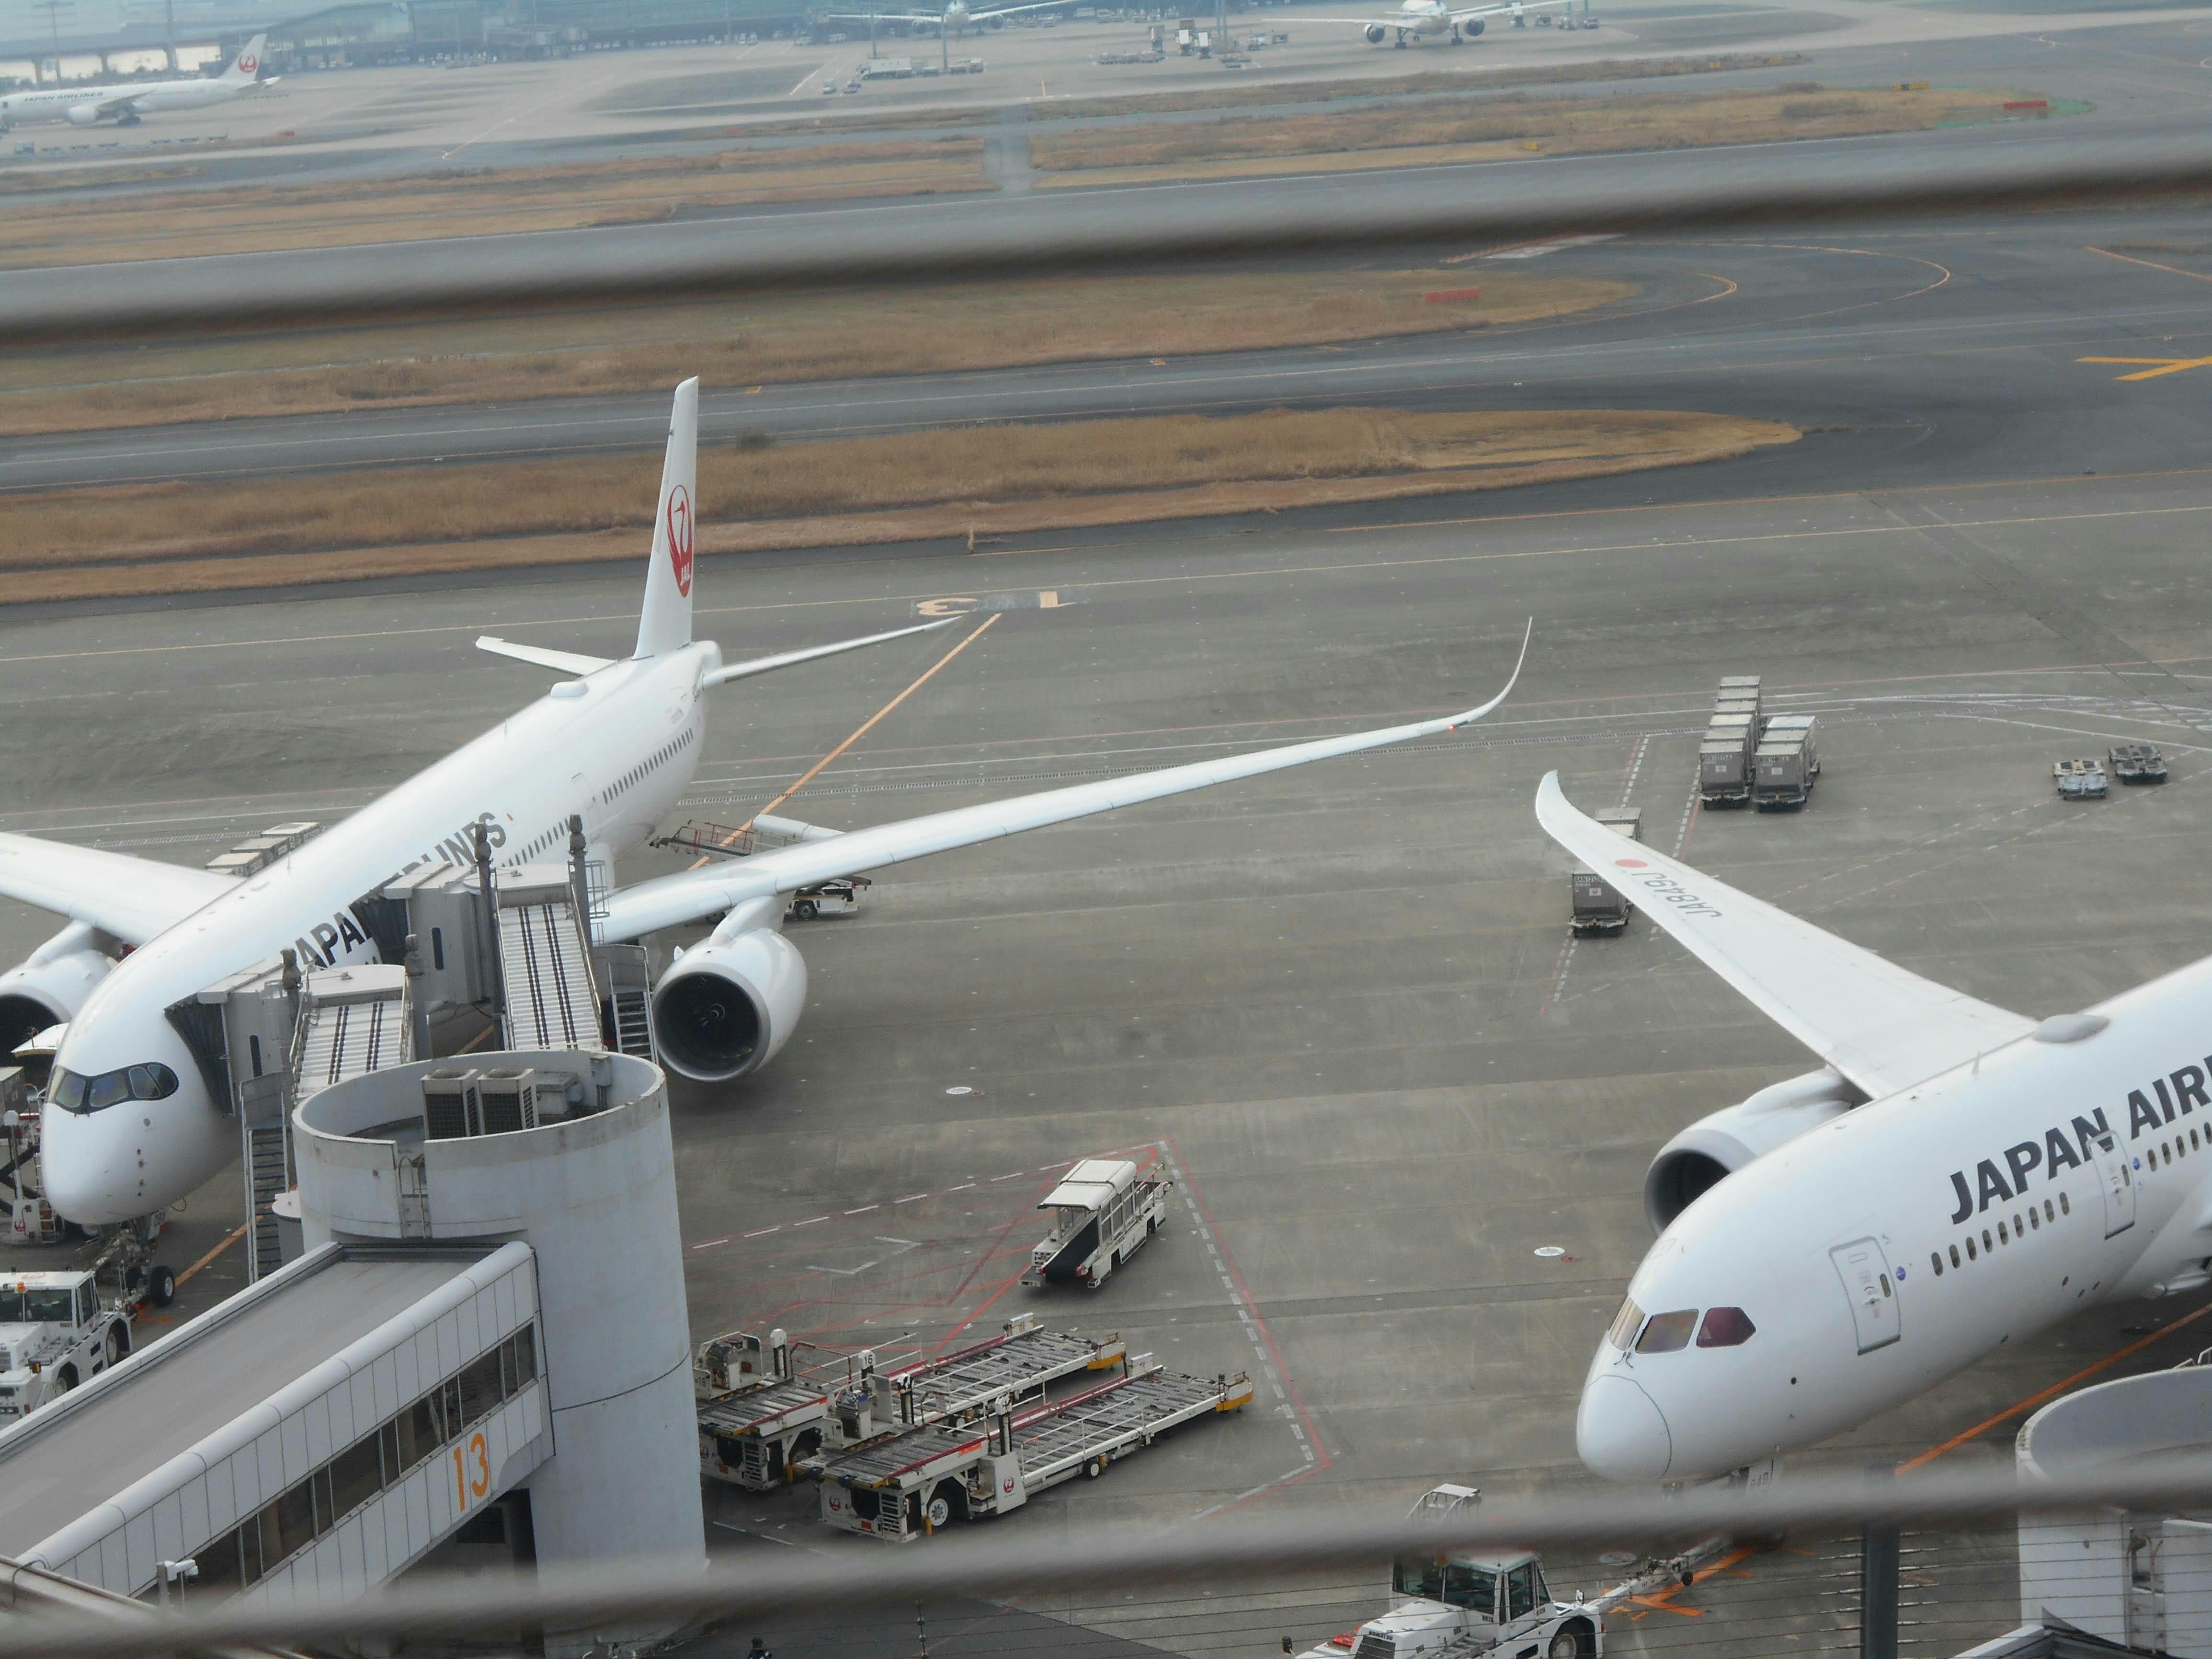 f:id:A350-900:20210110214400j:image